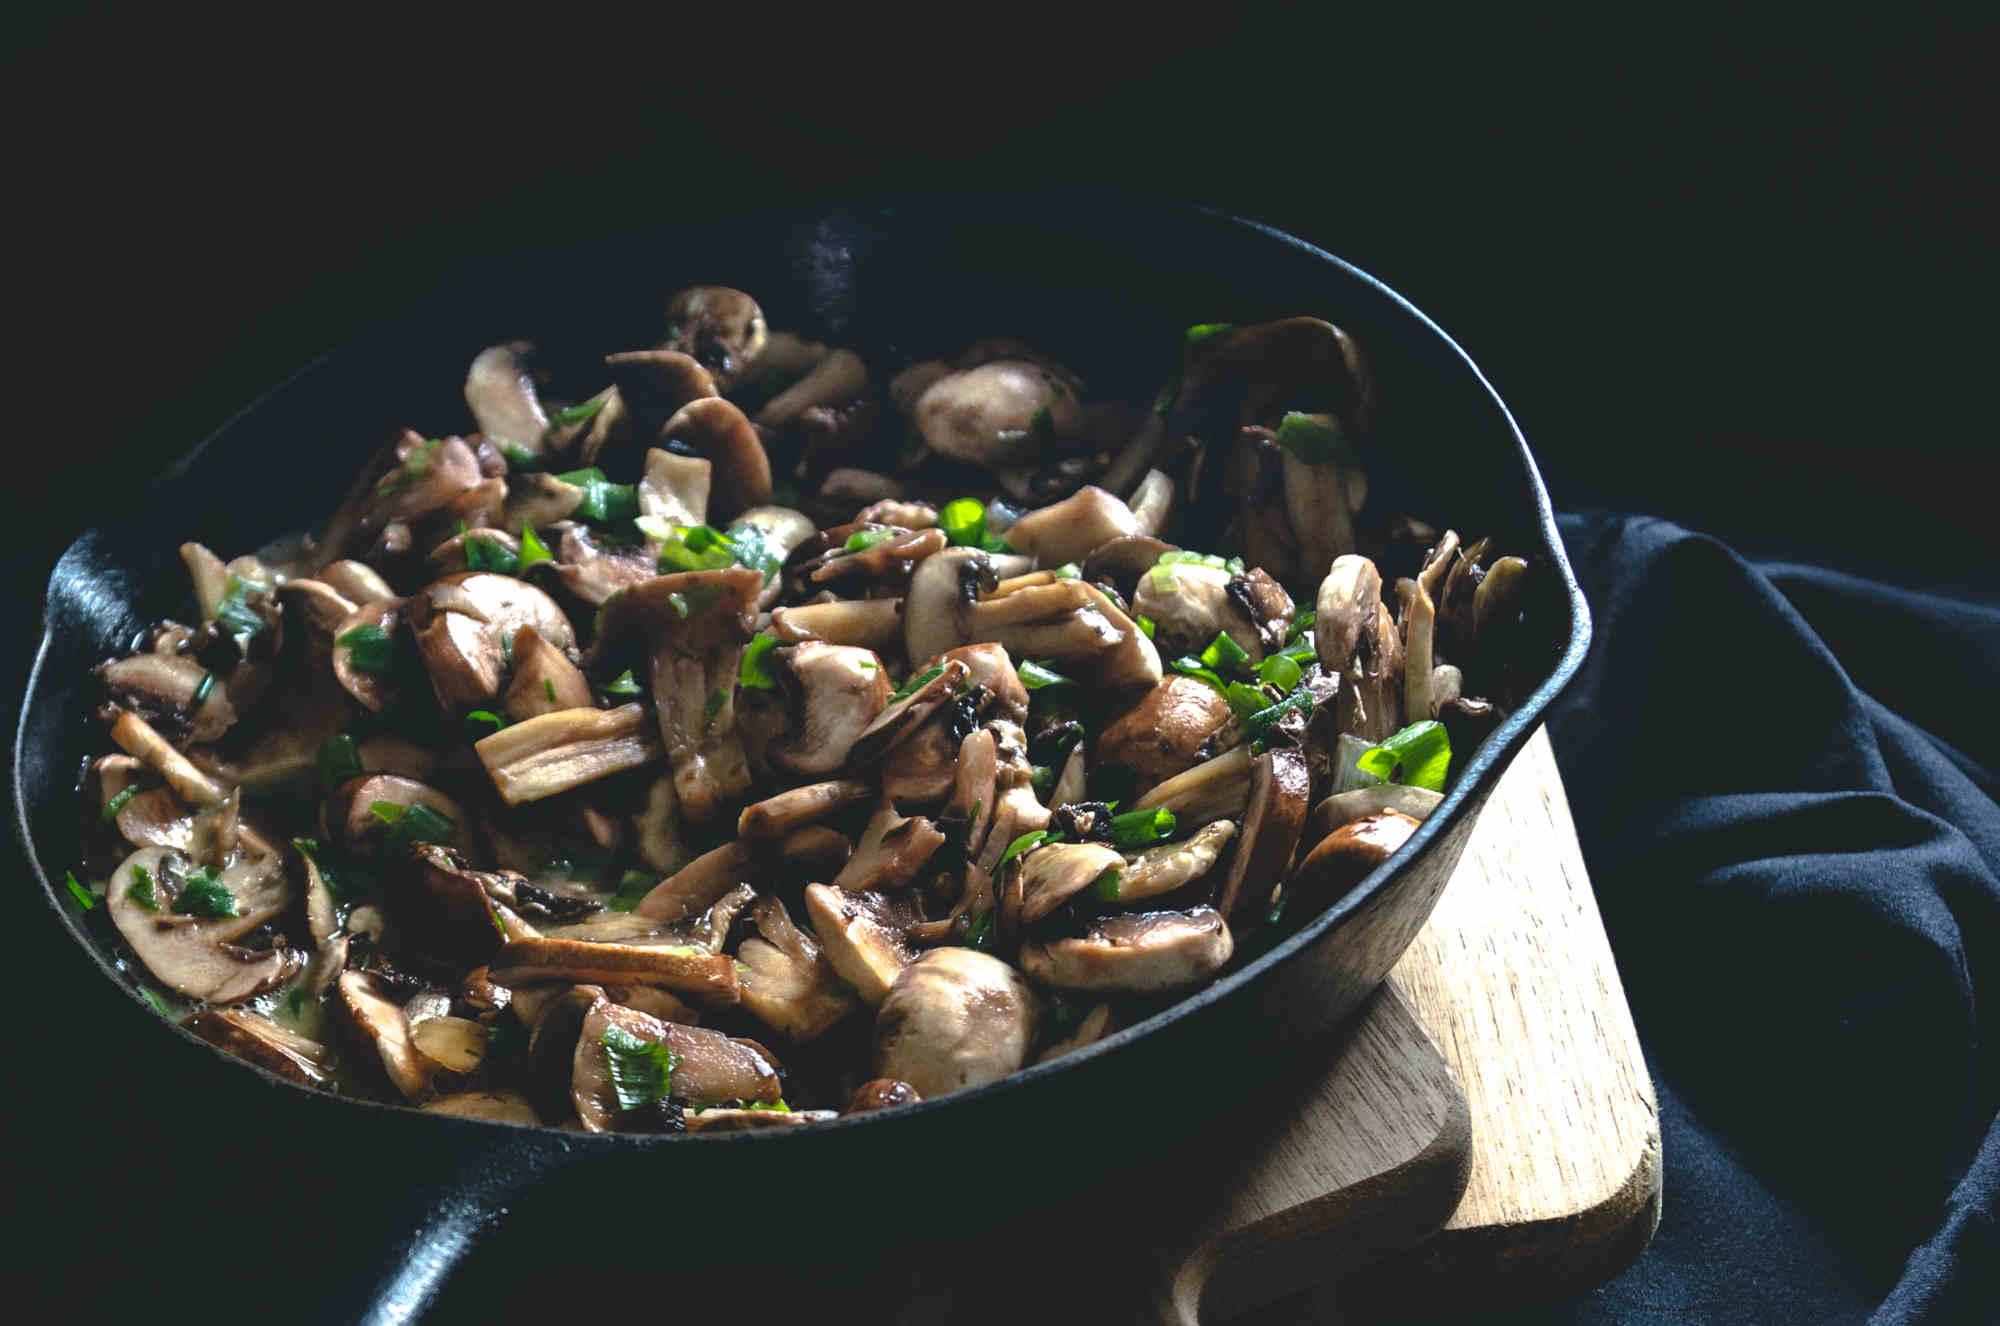 Une étude qui confirme l'intérêt de consommer des champignons